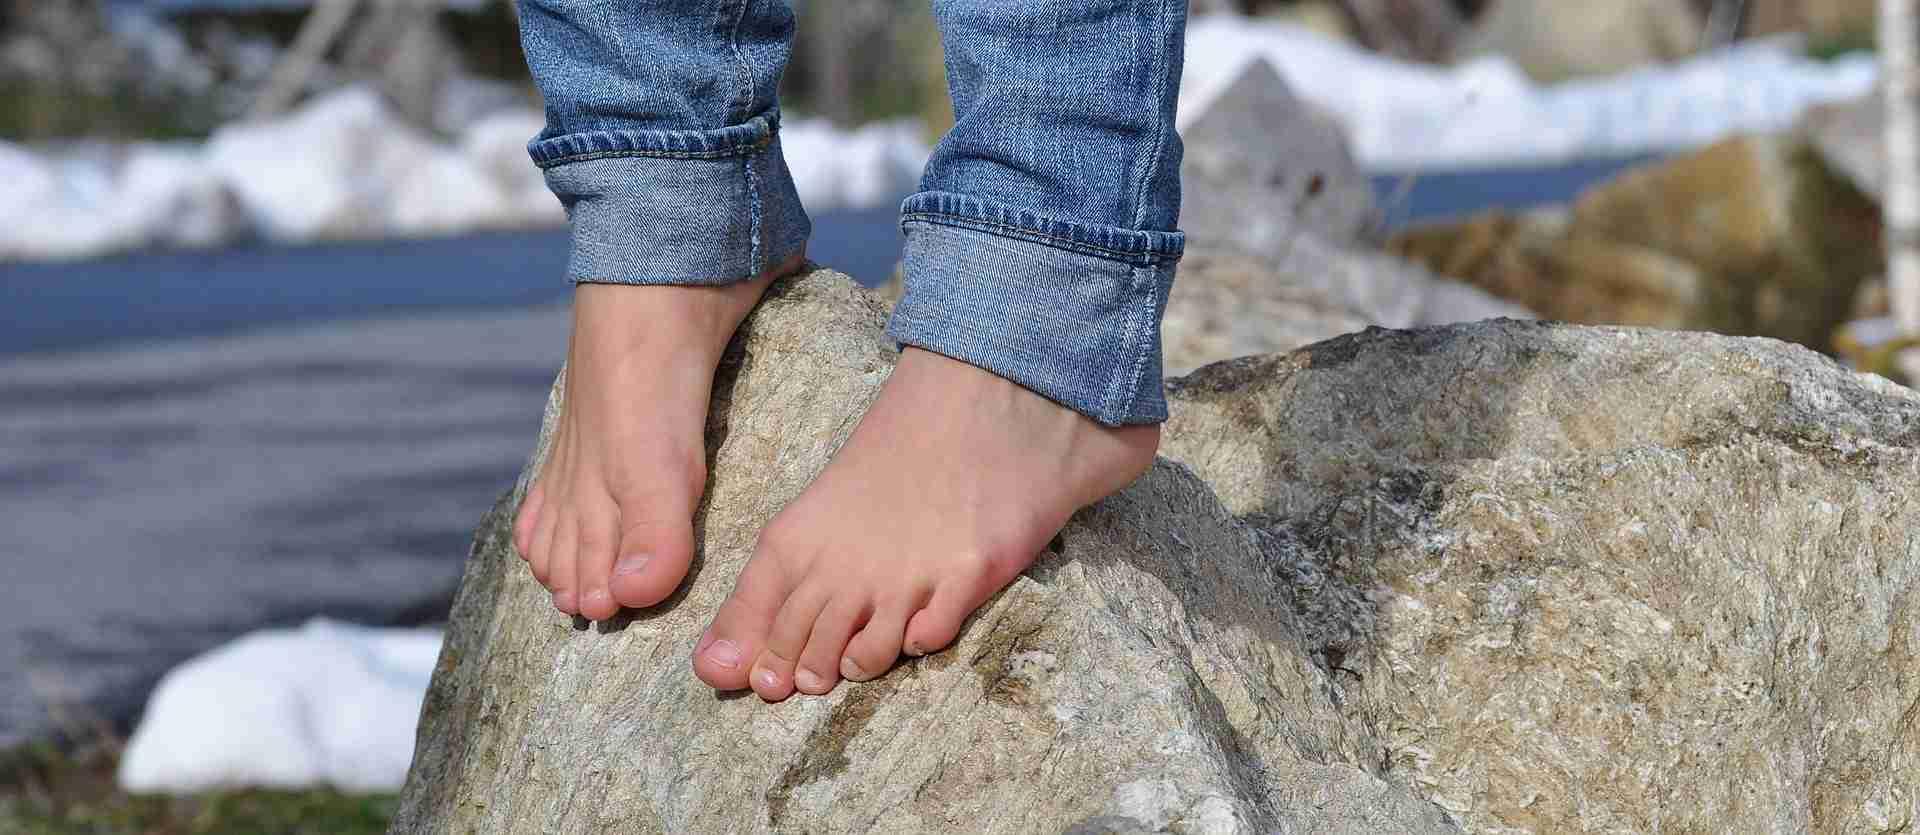 barefoot-504140_1920